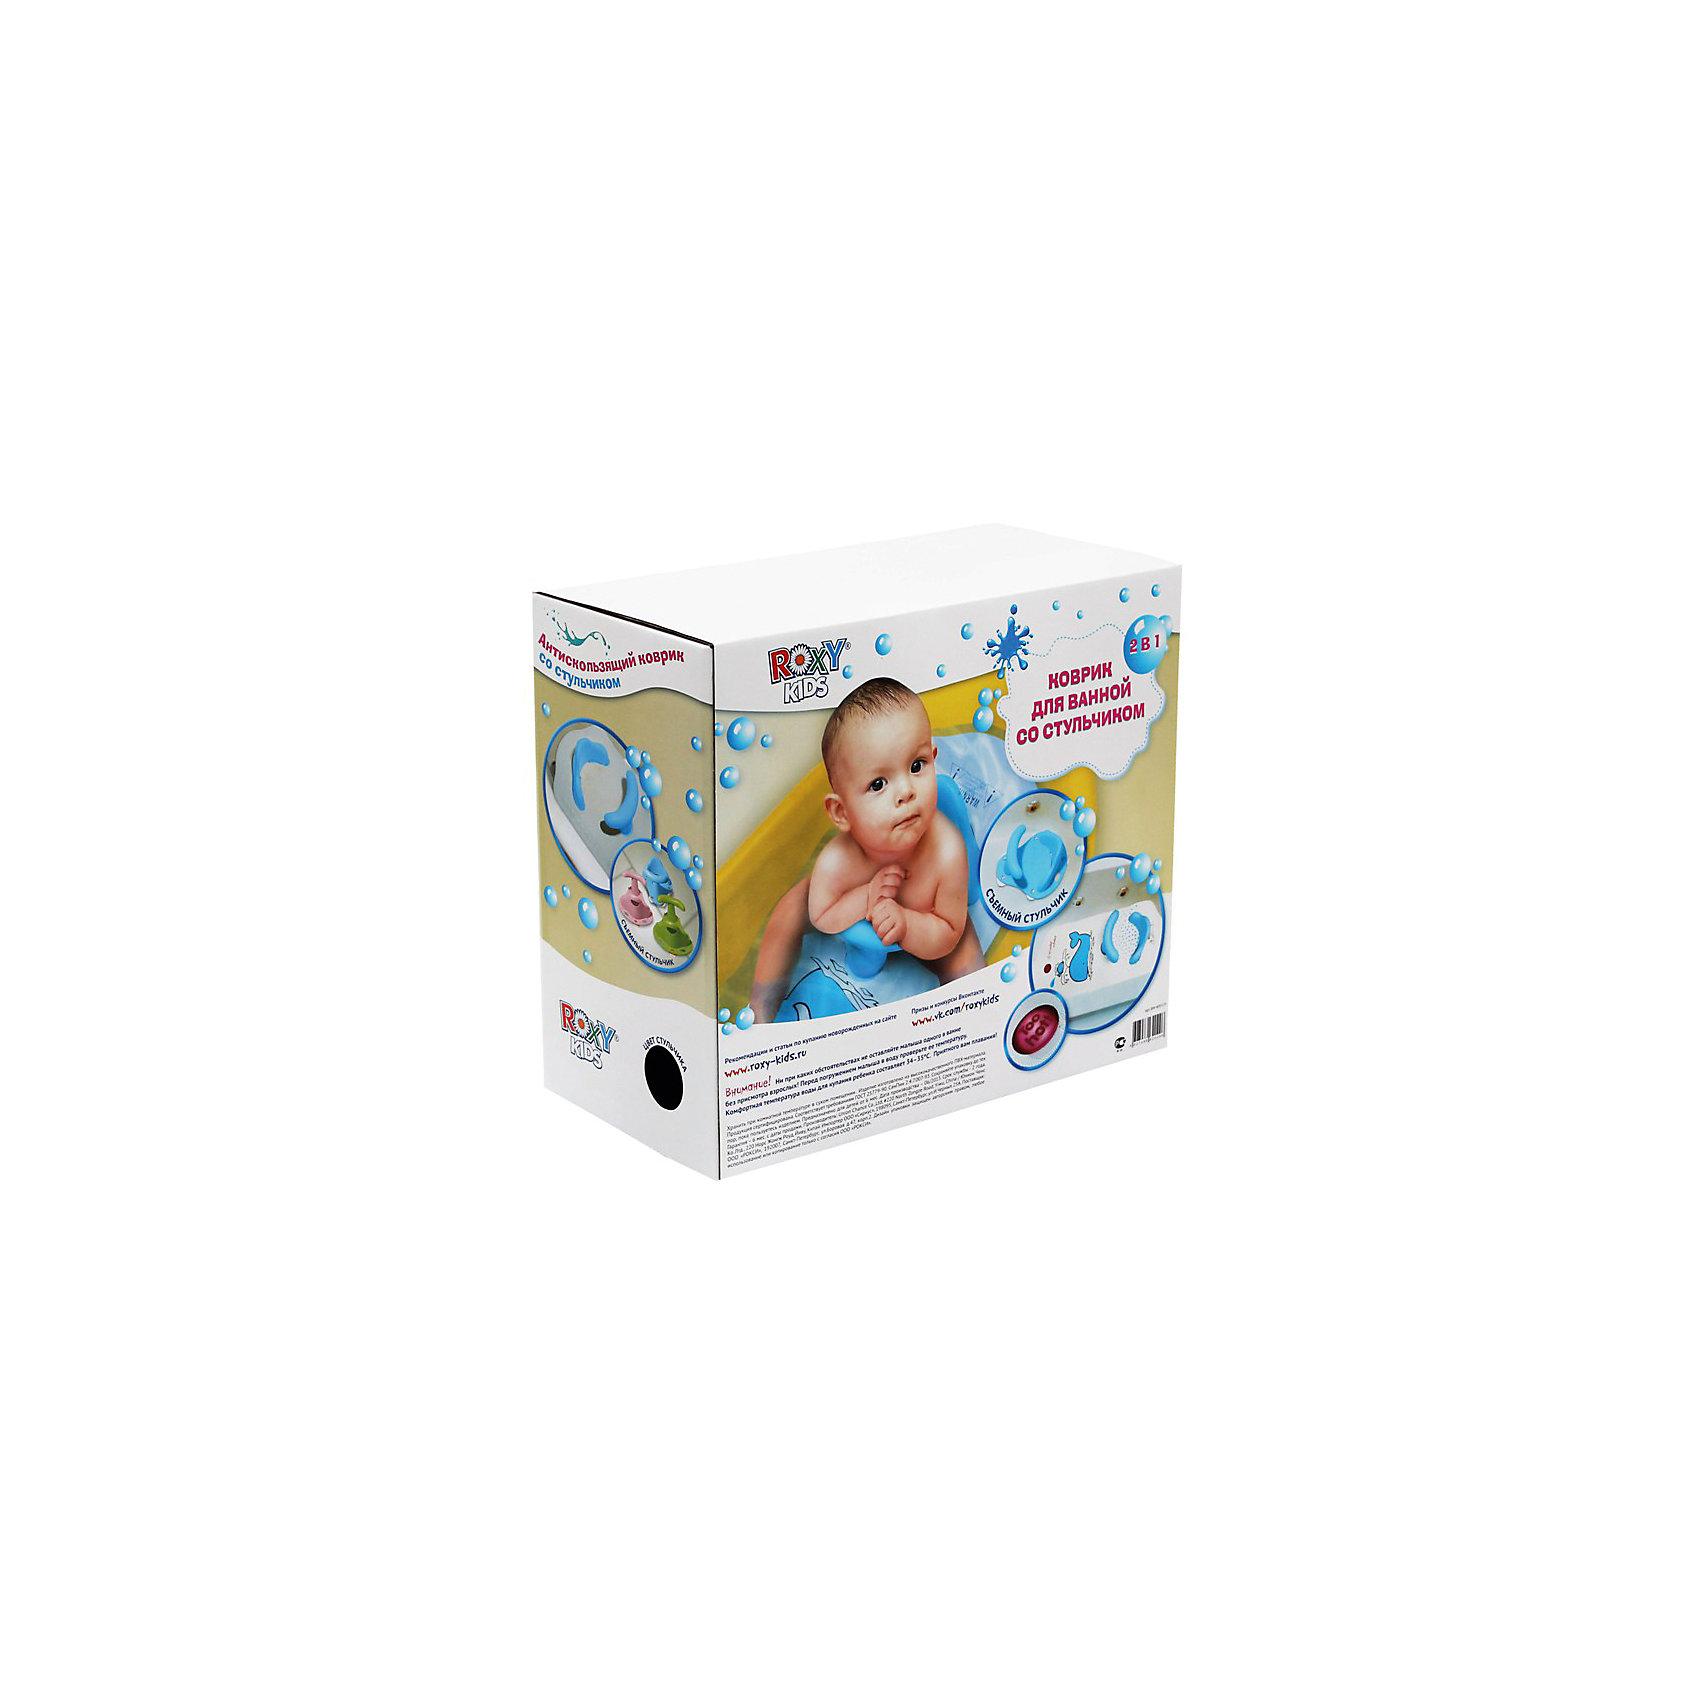 Коврик для ванной со съемным стульчиком ROXY-KIDS, Китенок (Roxy-Kids)